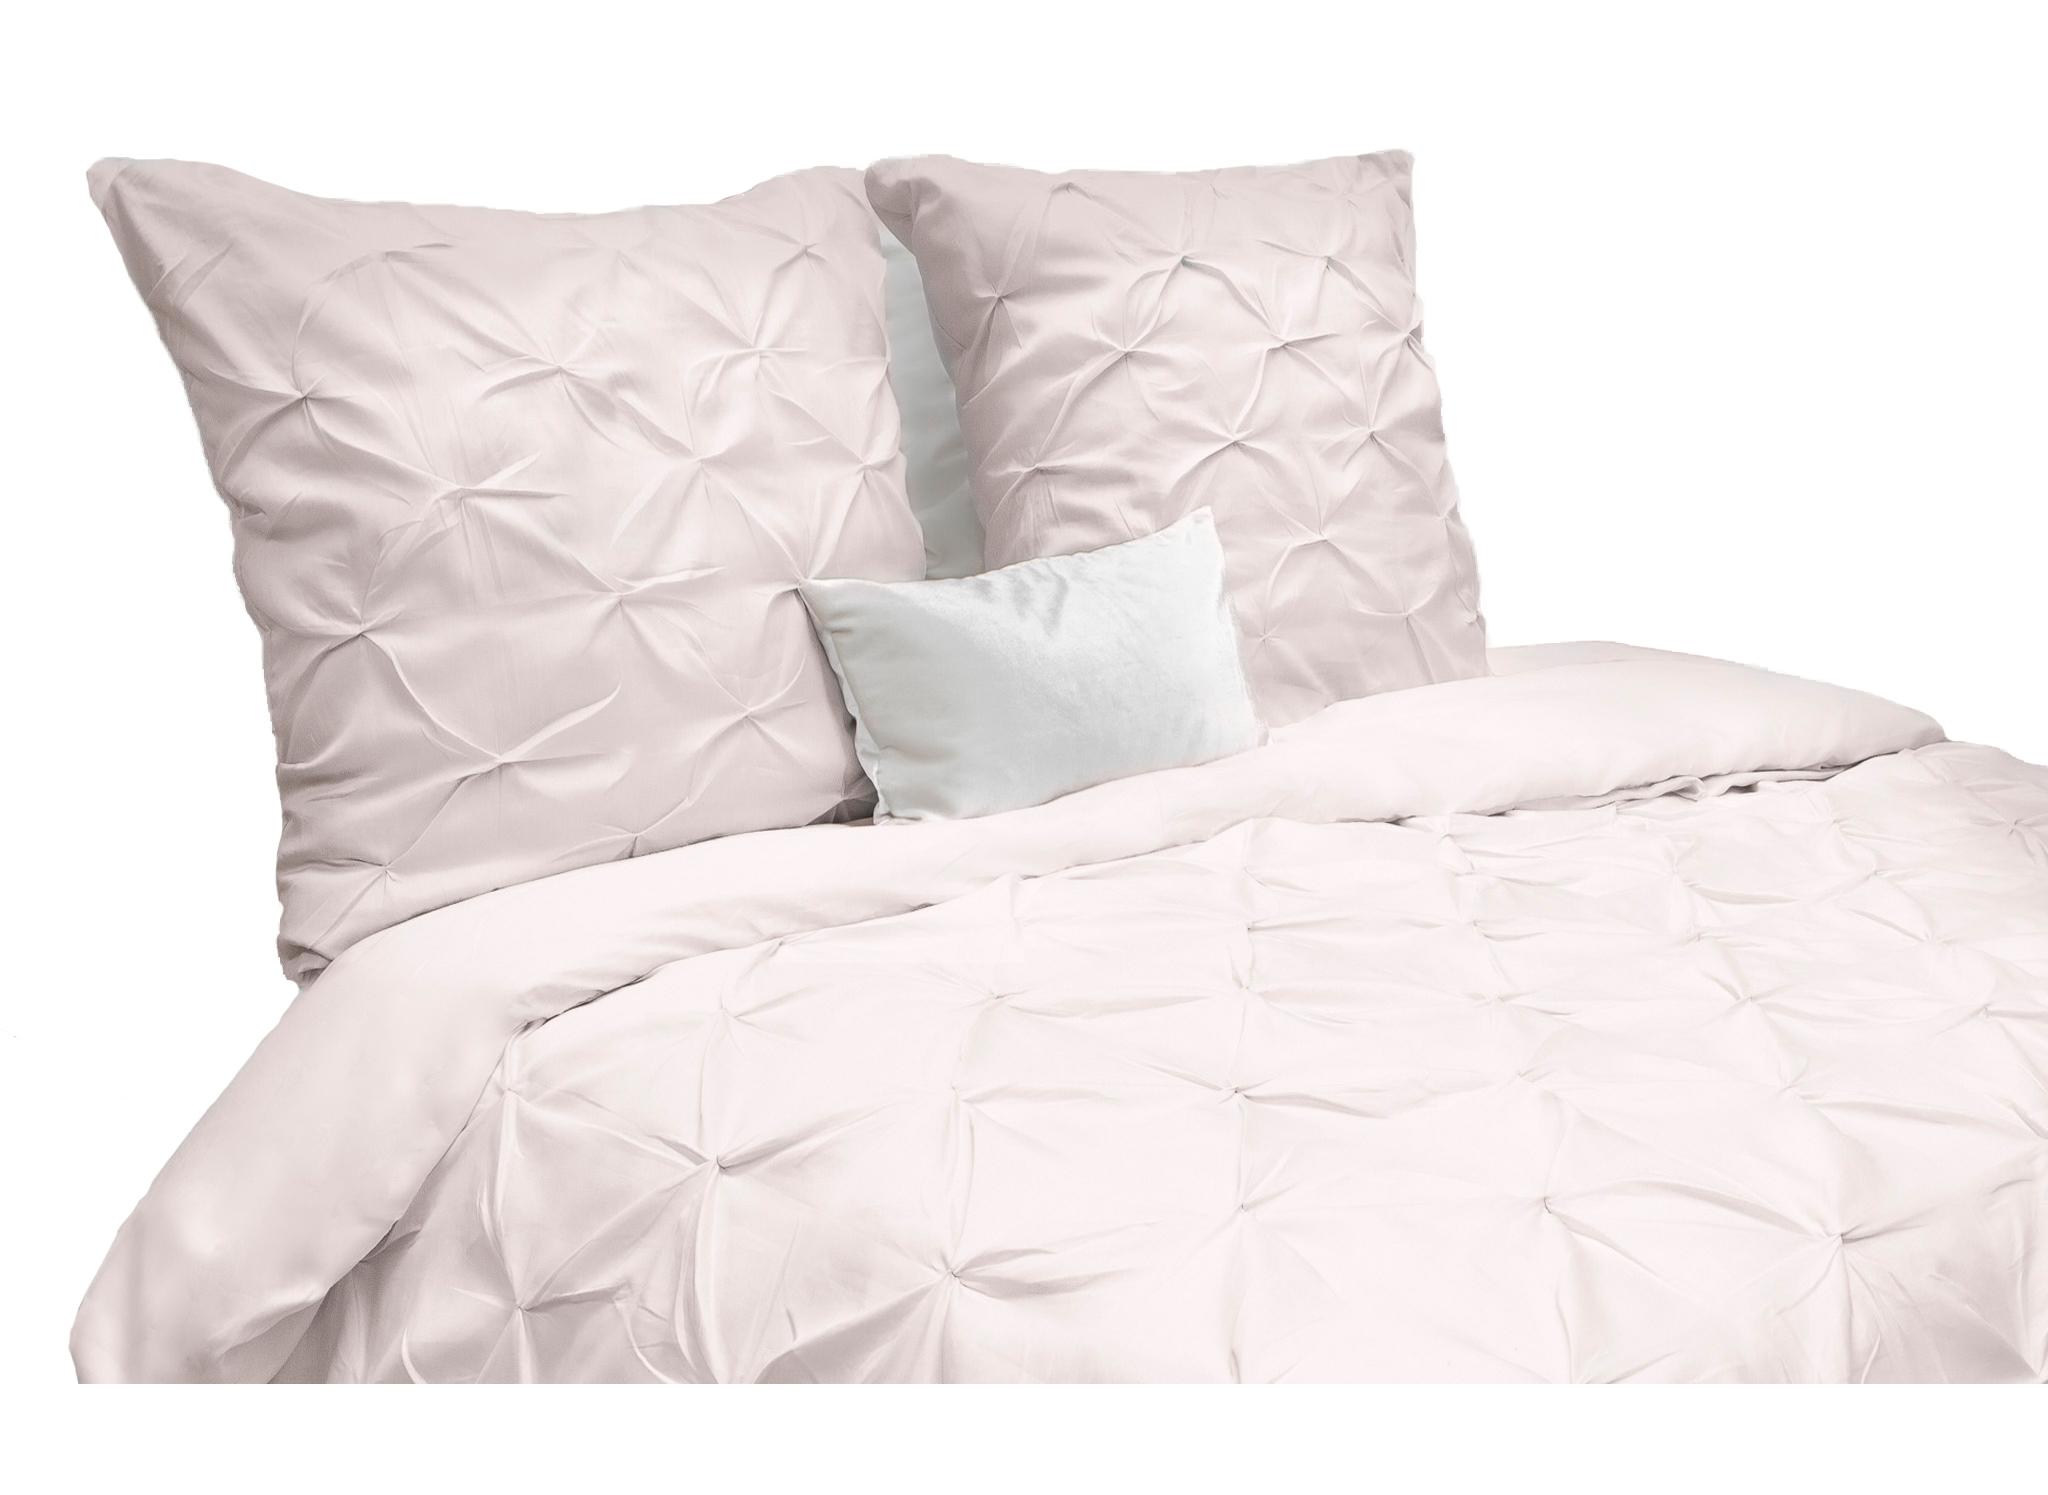 komplett schlafzimmer m max elegante schlafzimmer tapeten gelb schiesser bettw sche 155x220. Black Bedroom Furniture Sets. Home Design Ideas